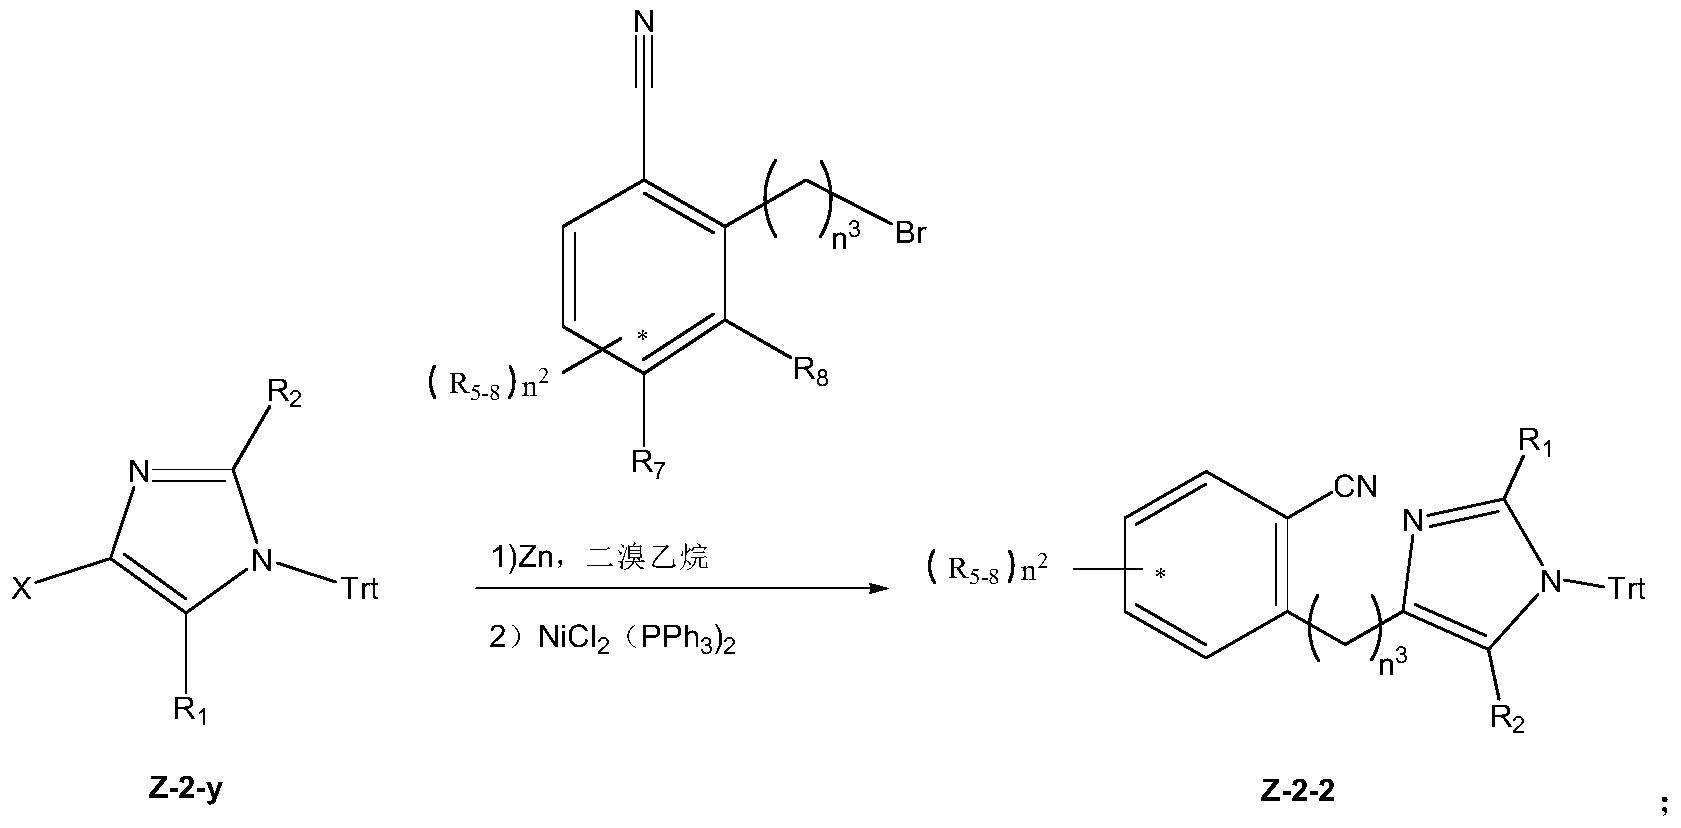 Figure PCTCN2017084604-appb-100038